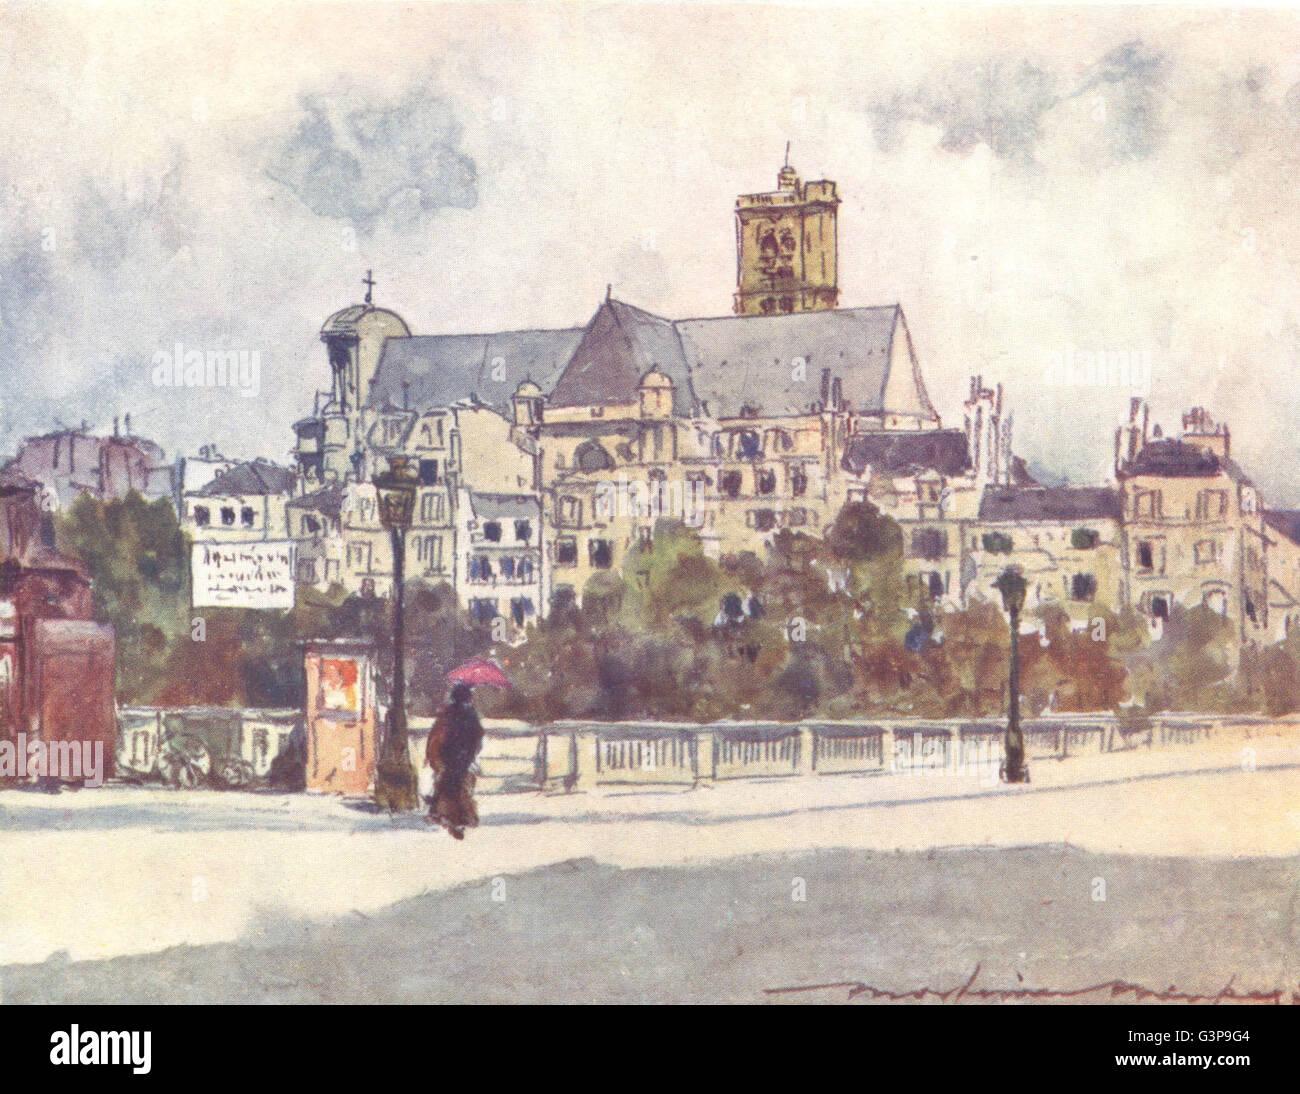 PARIS: Au Bord de La Seine, antique print 1909 - Stock Image